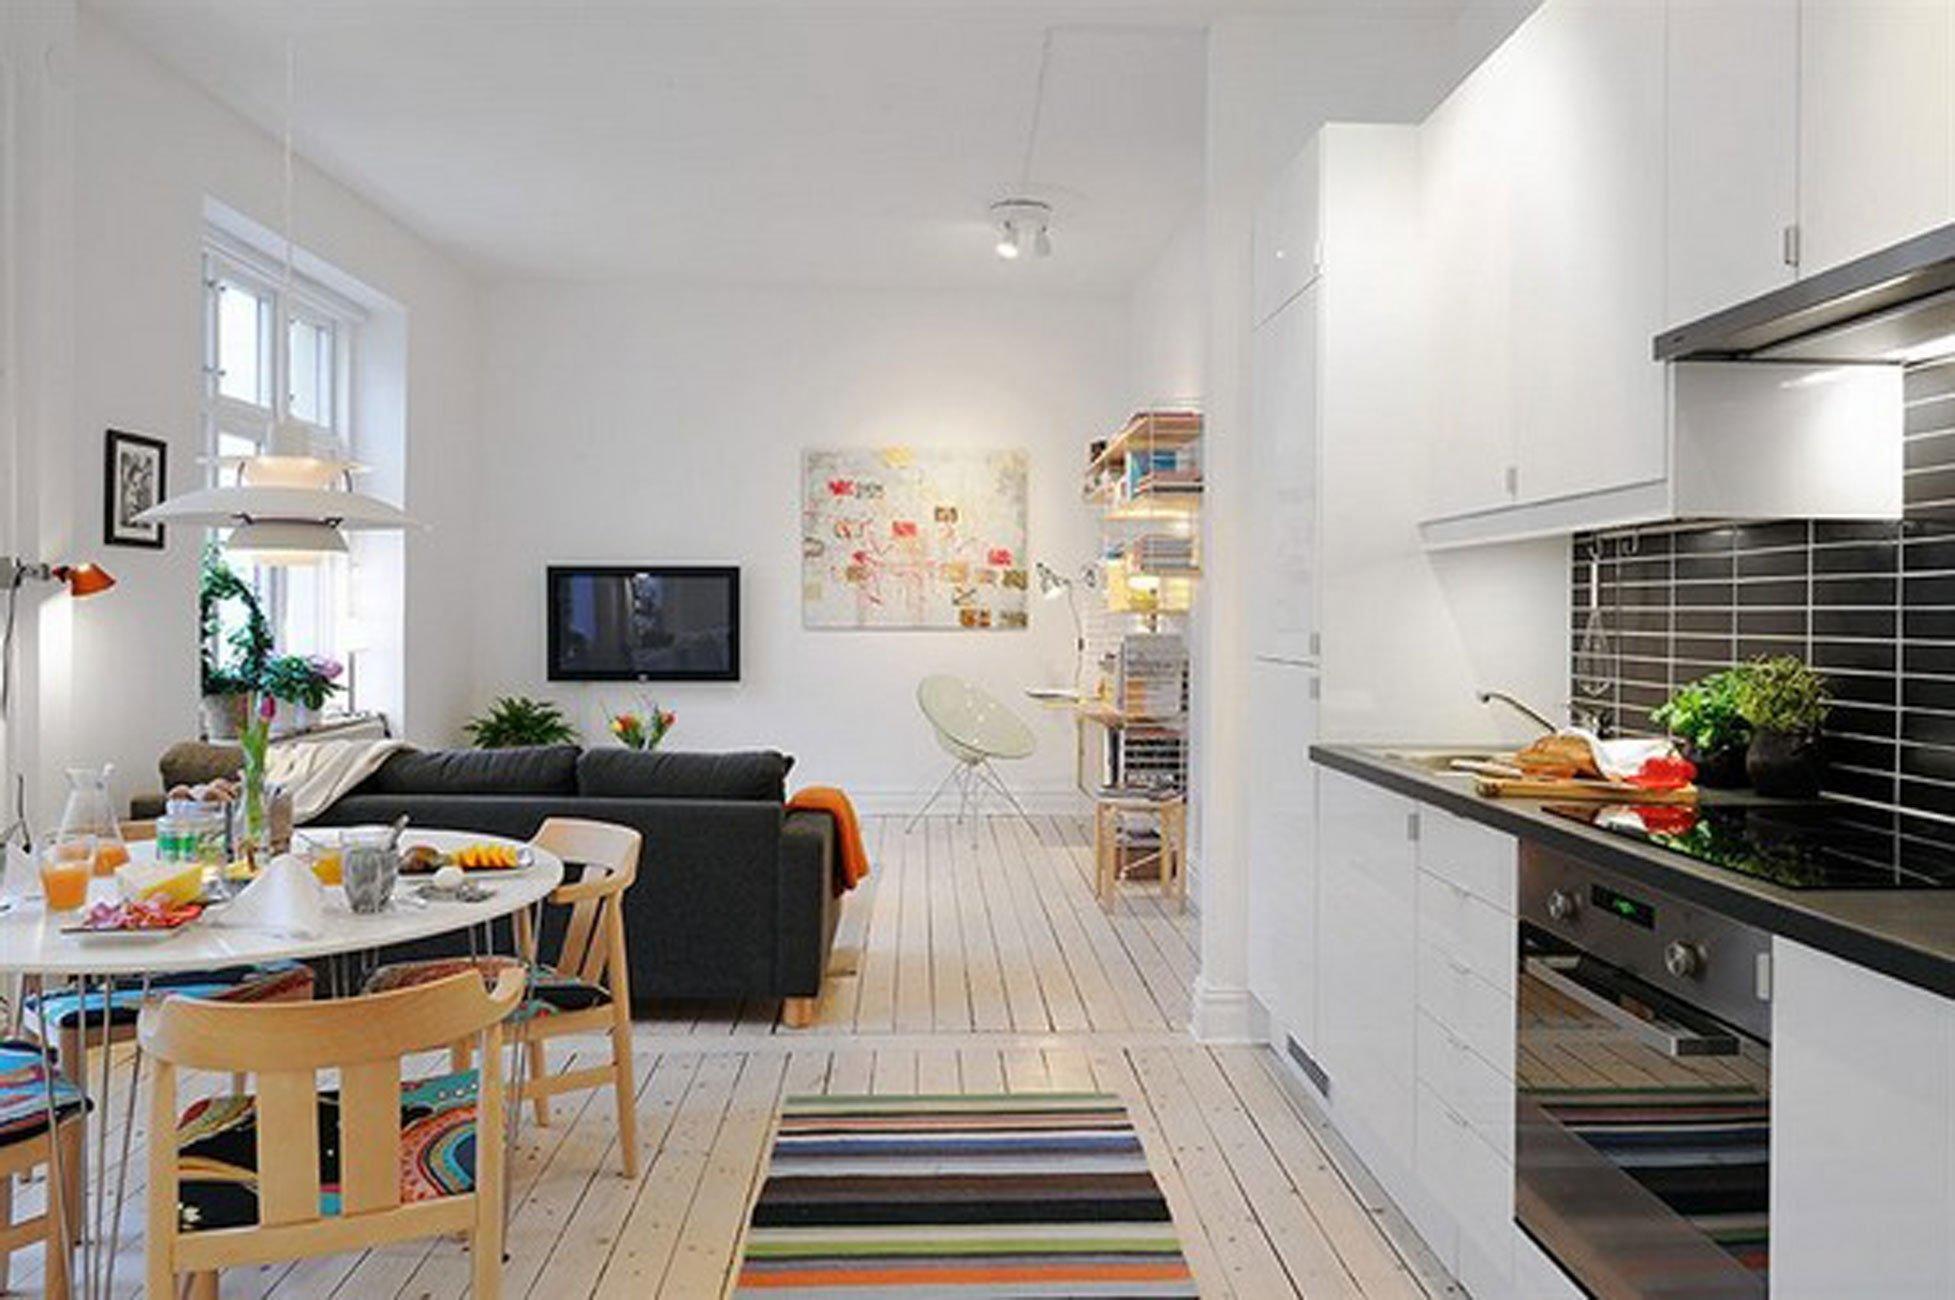 Совмещённая кухня с гостиной будет отличным вариантом, чтобы сэкономить полезную площадь помещения